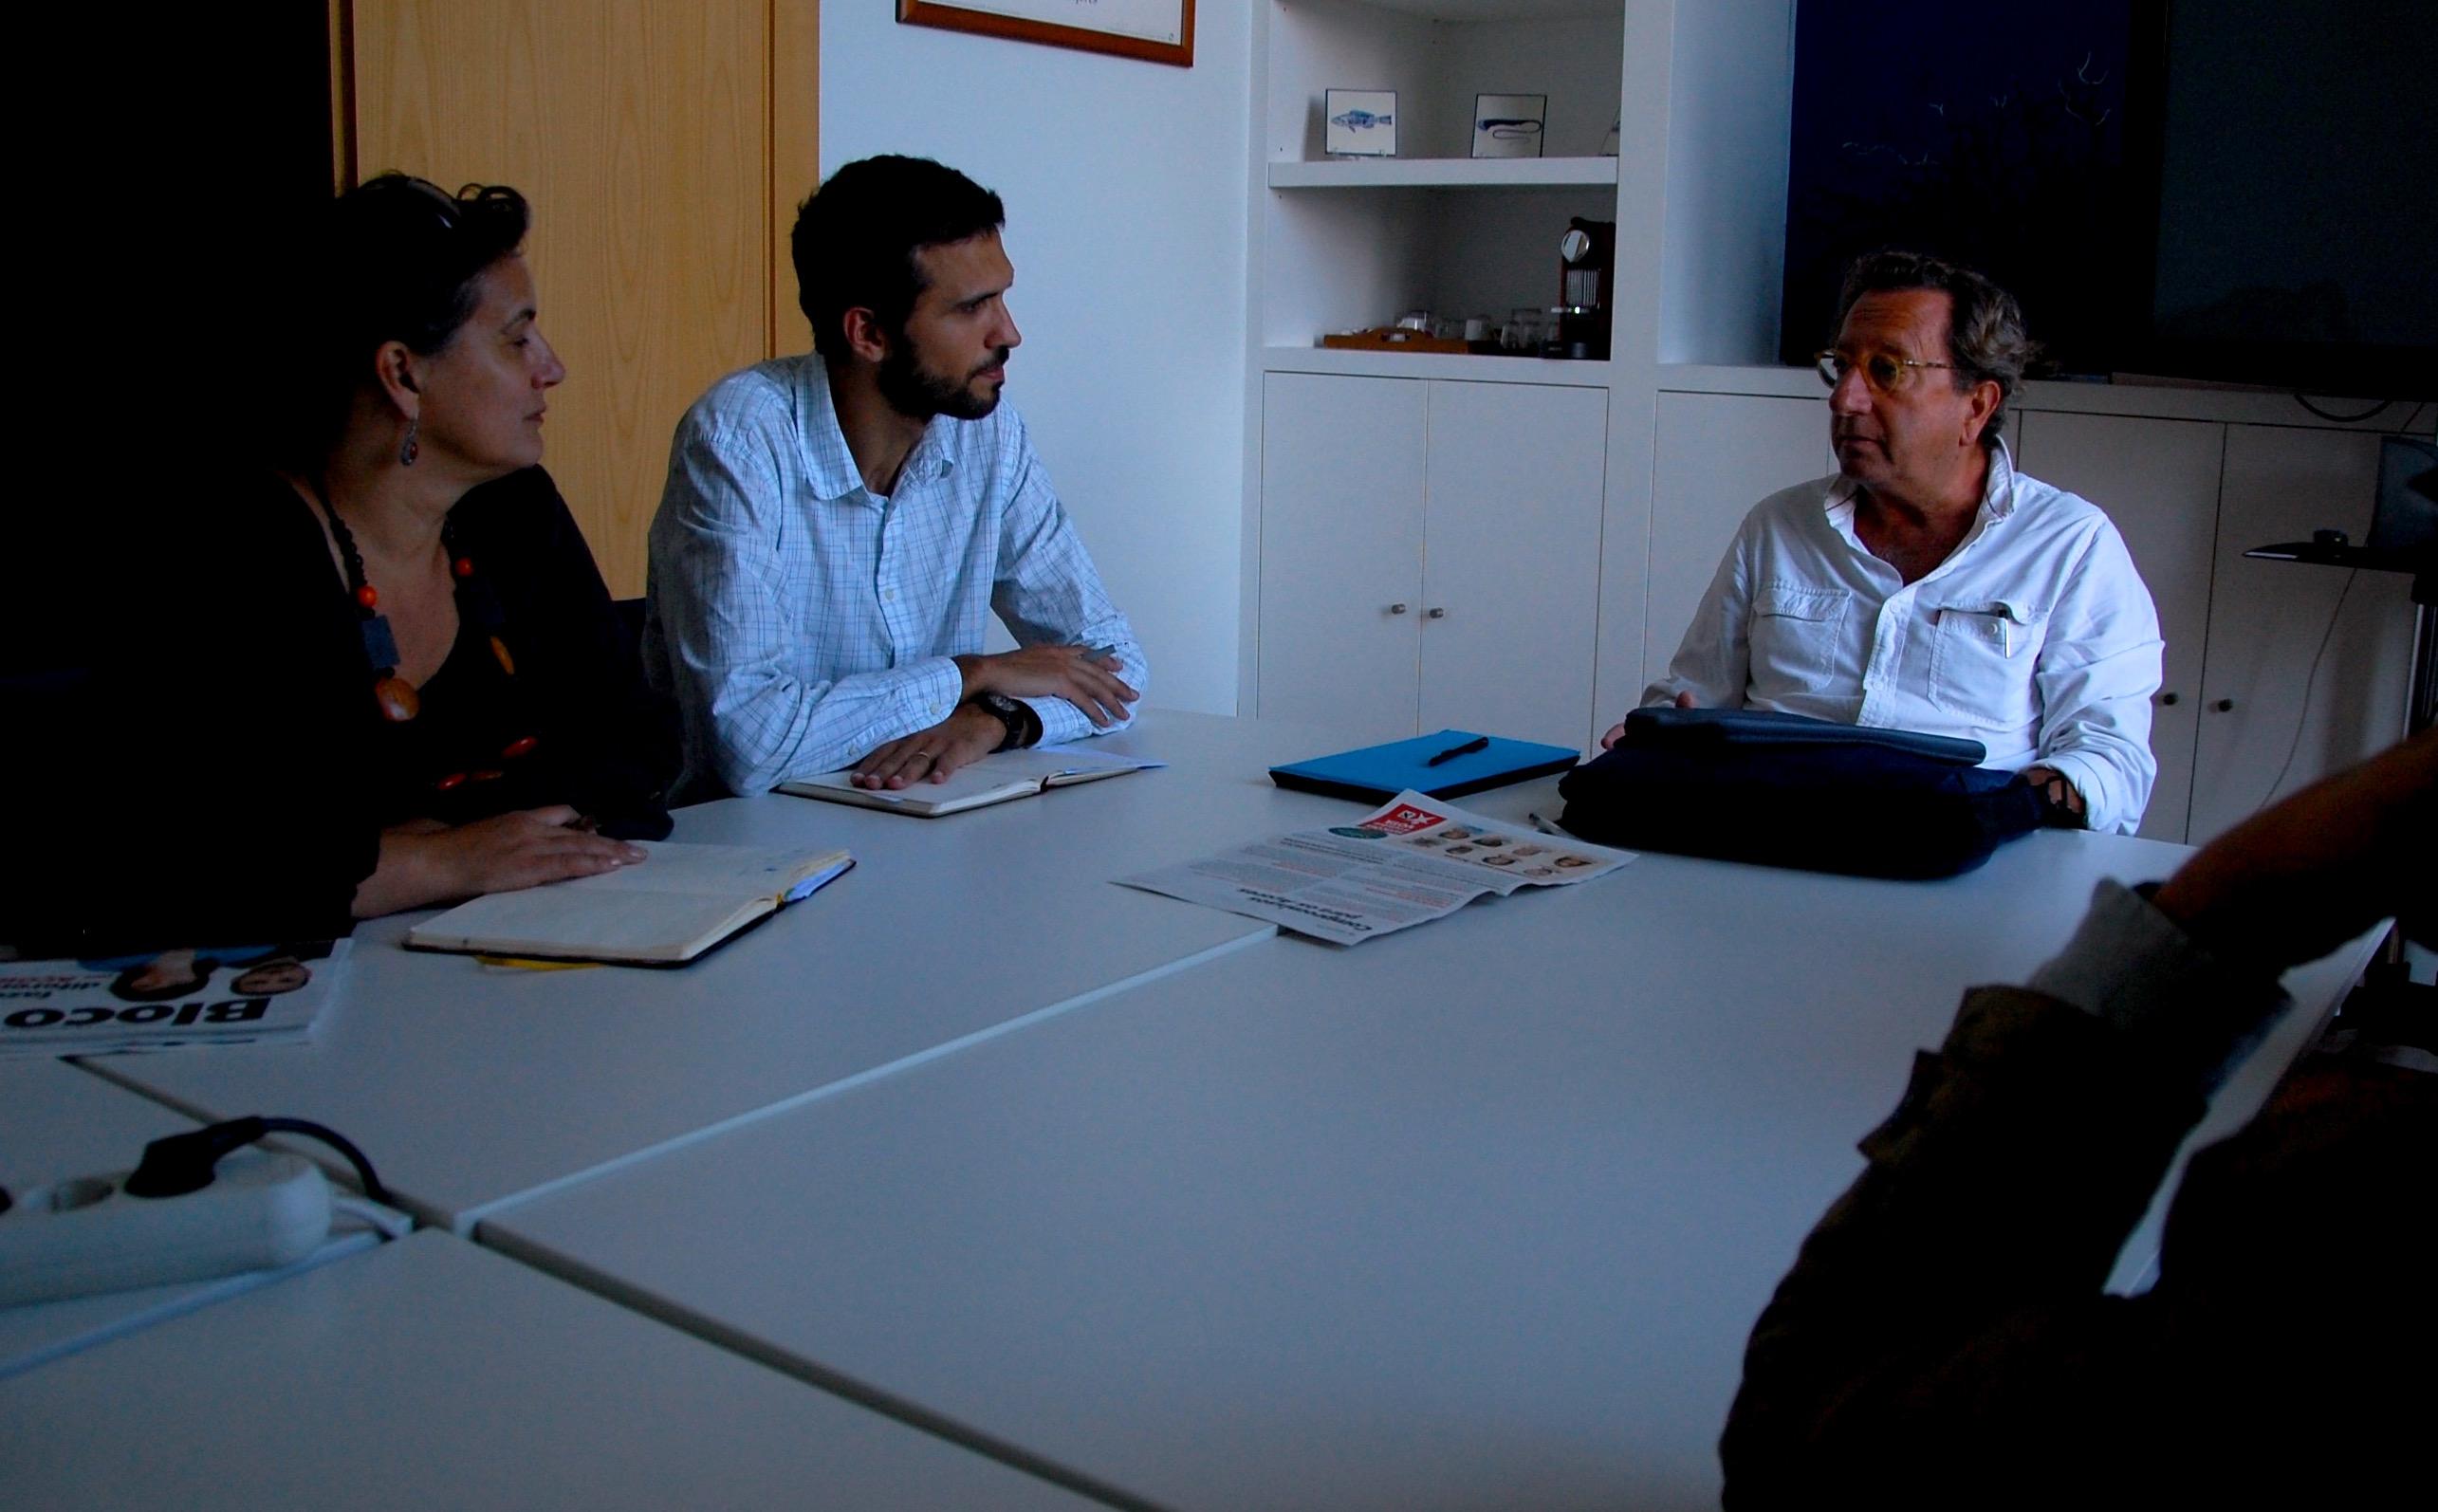 Centro Internacional de Investigação do Mar é fundamental para desenvolver economia dos Açores, considera BE